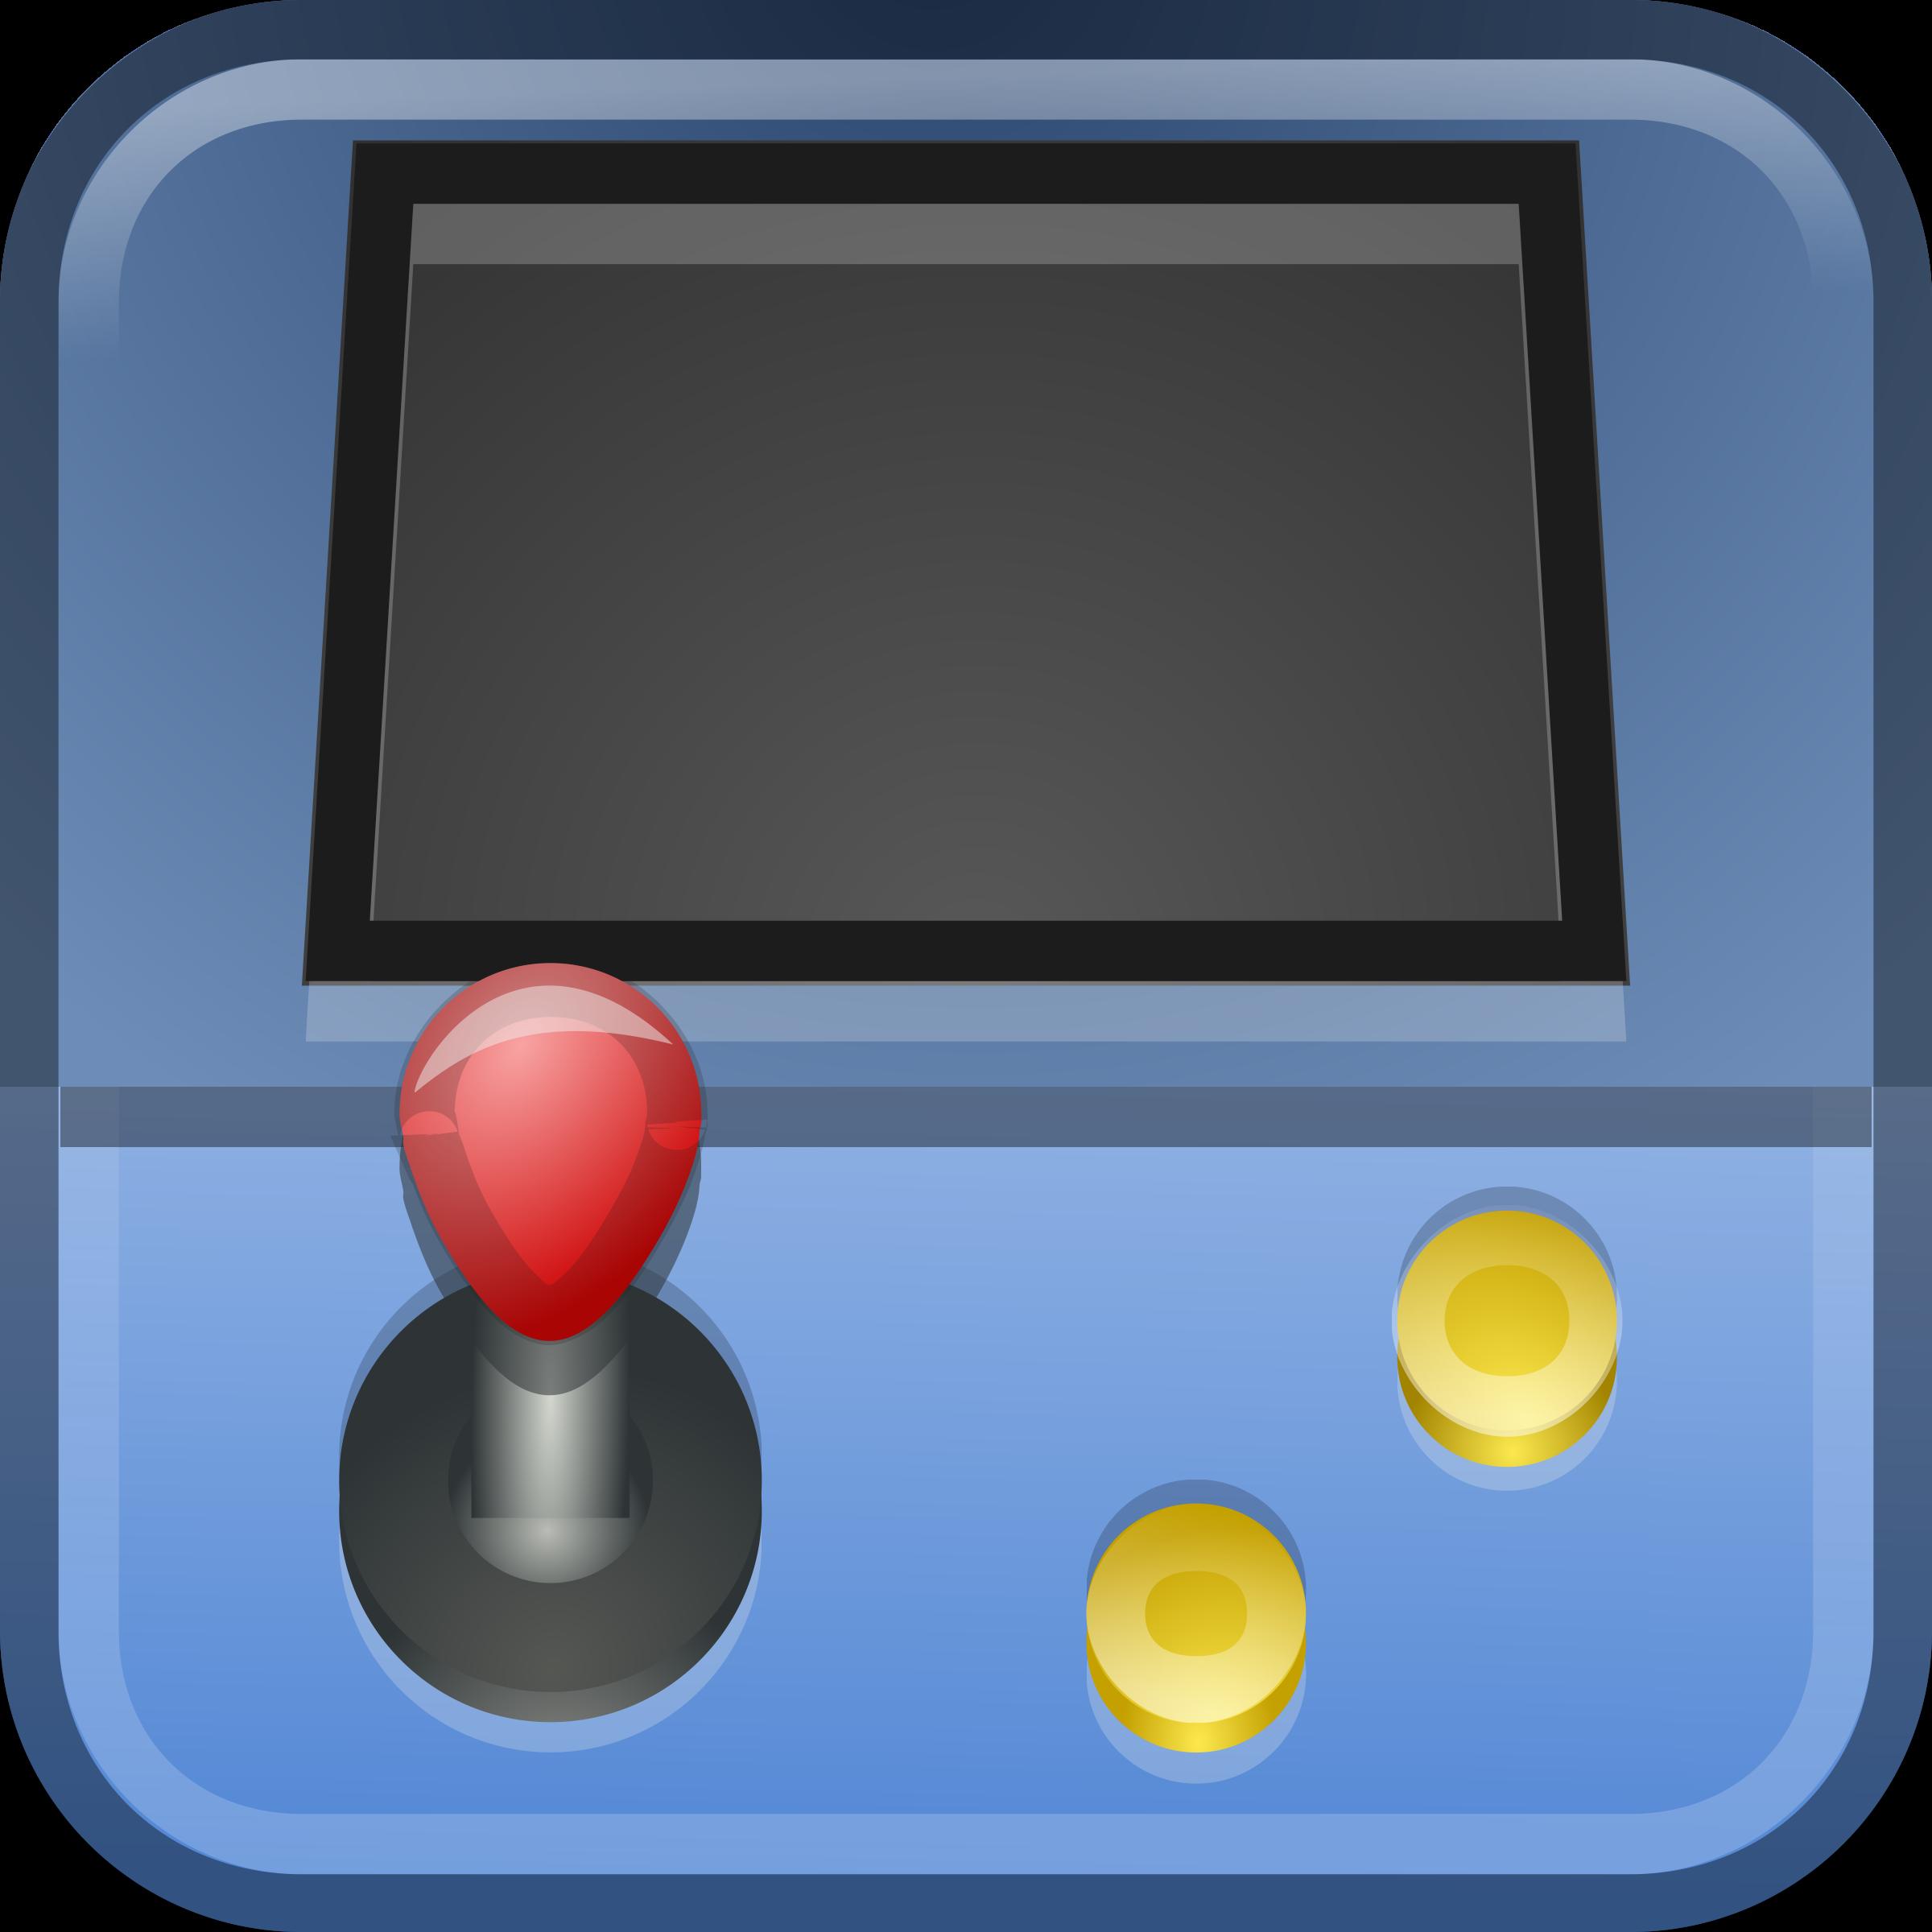 arcade clipart arcade screen